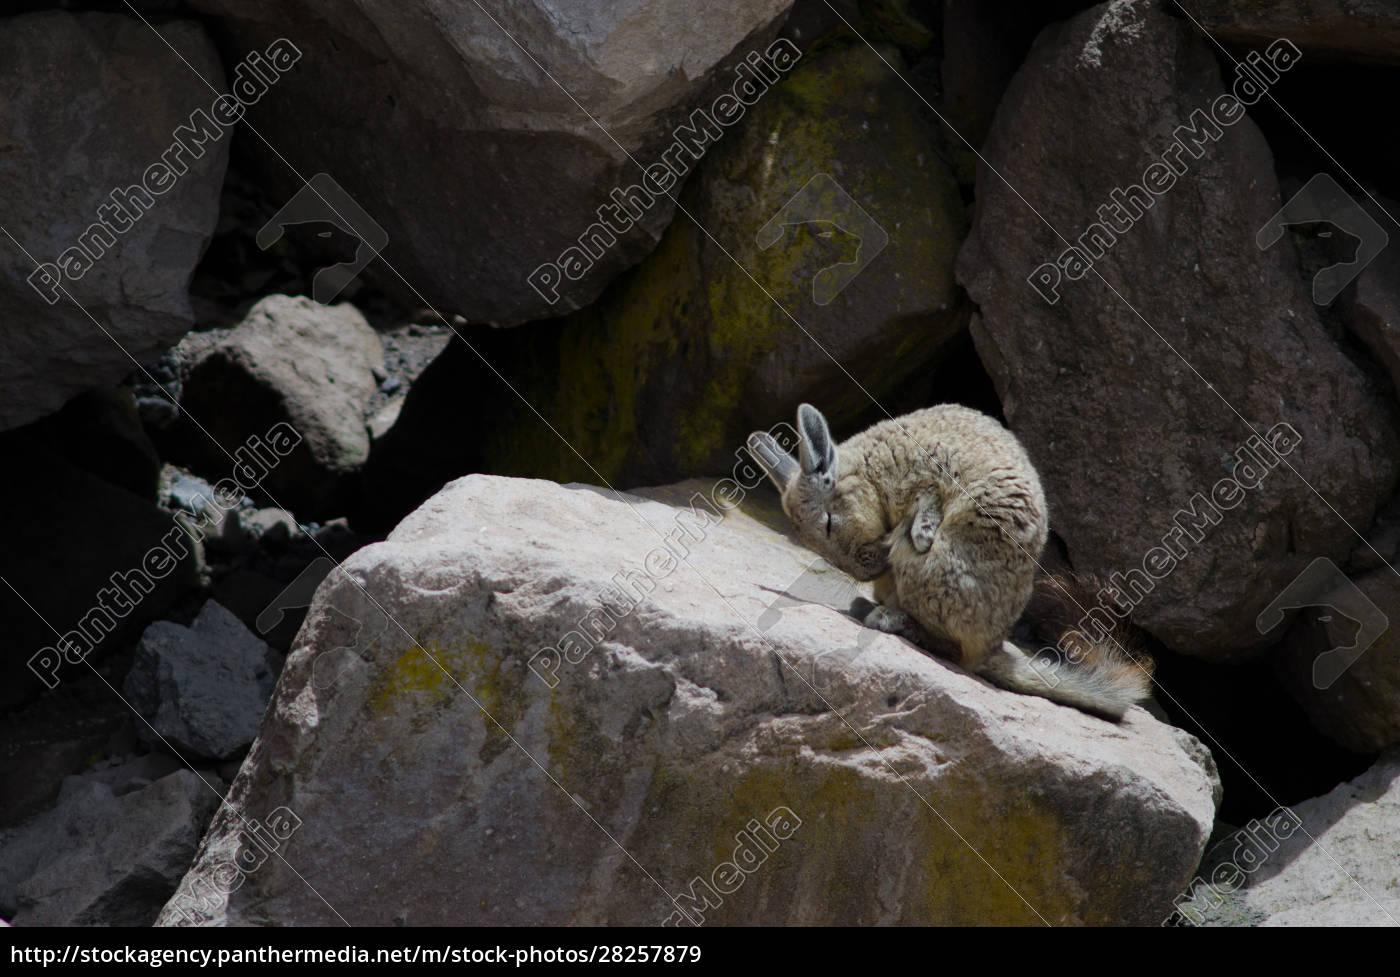 southern, viscacha, lagidium, viscacia, wiping, coat - 28257879